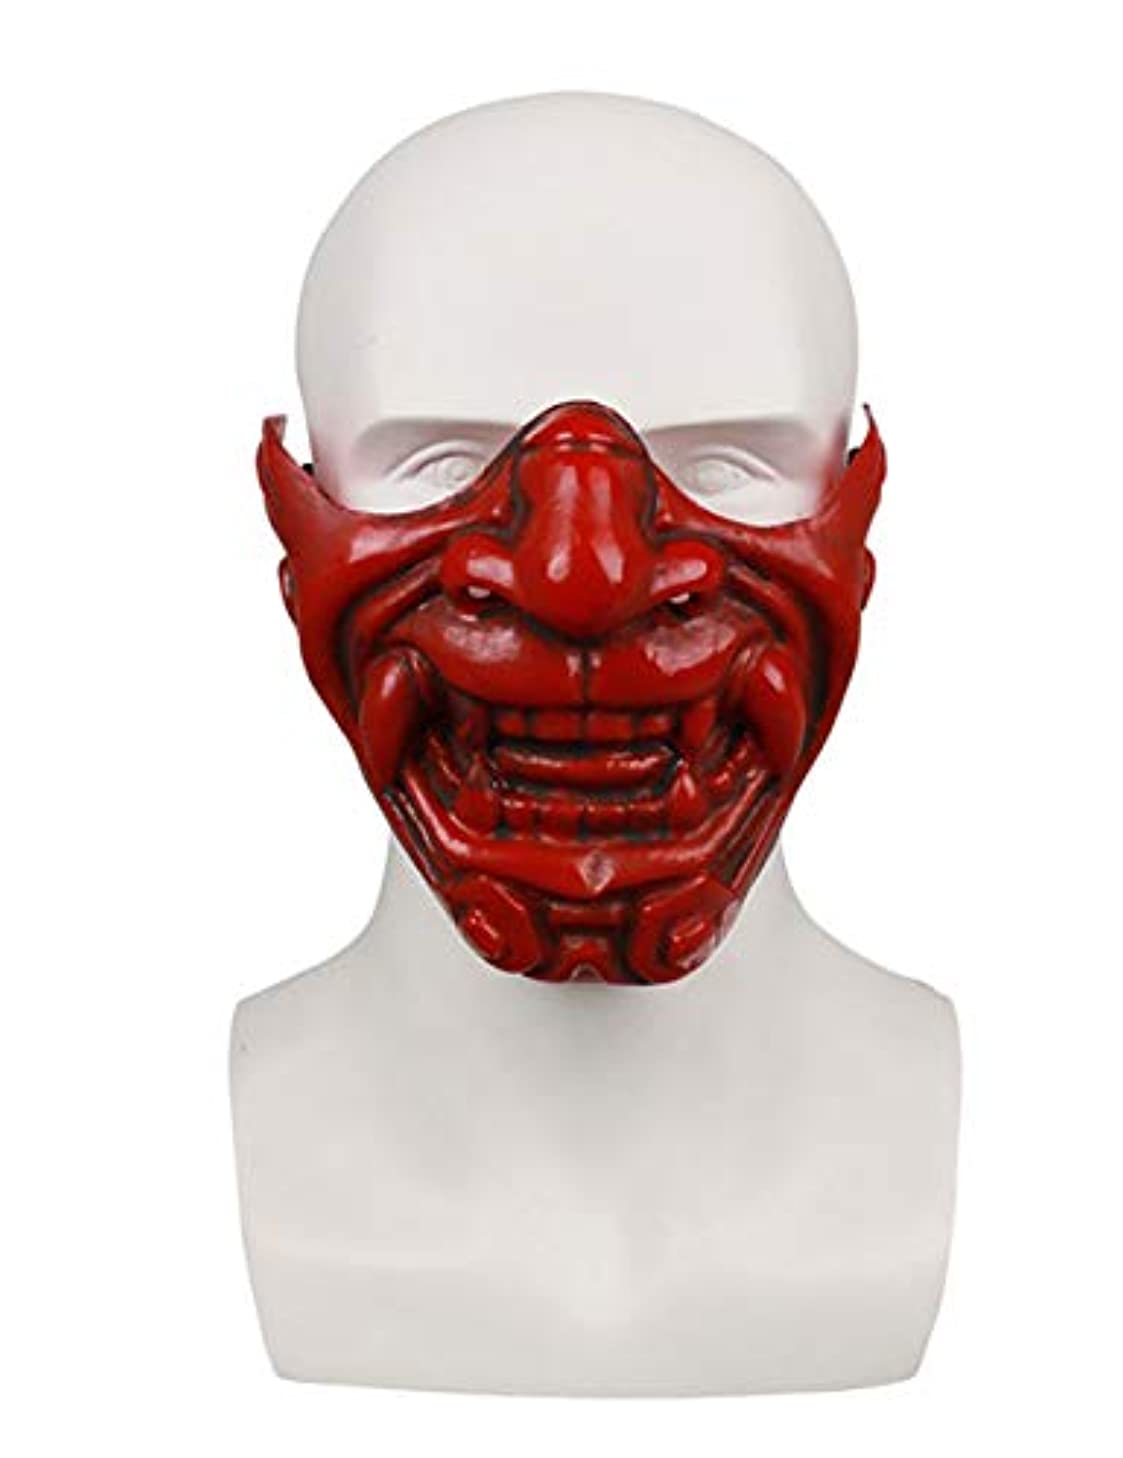 離れた段落信じられないハロウィーンハーフフェイスマスクホラーデビルマスク映画の小道具仮装マスク (Color : BLACK)